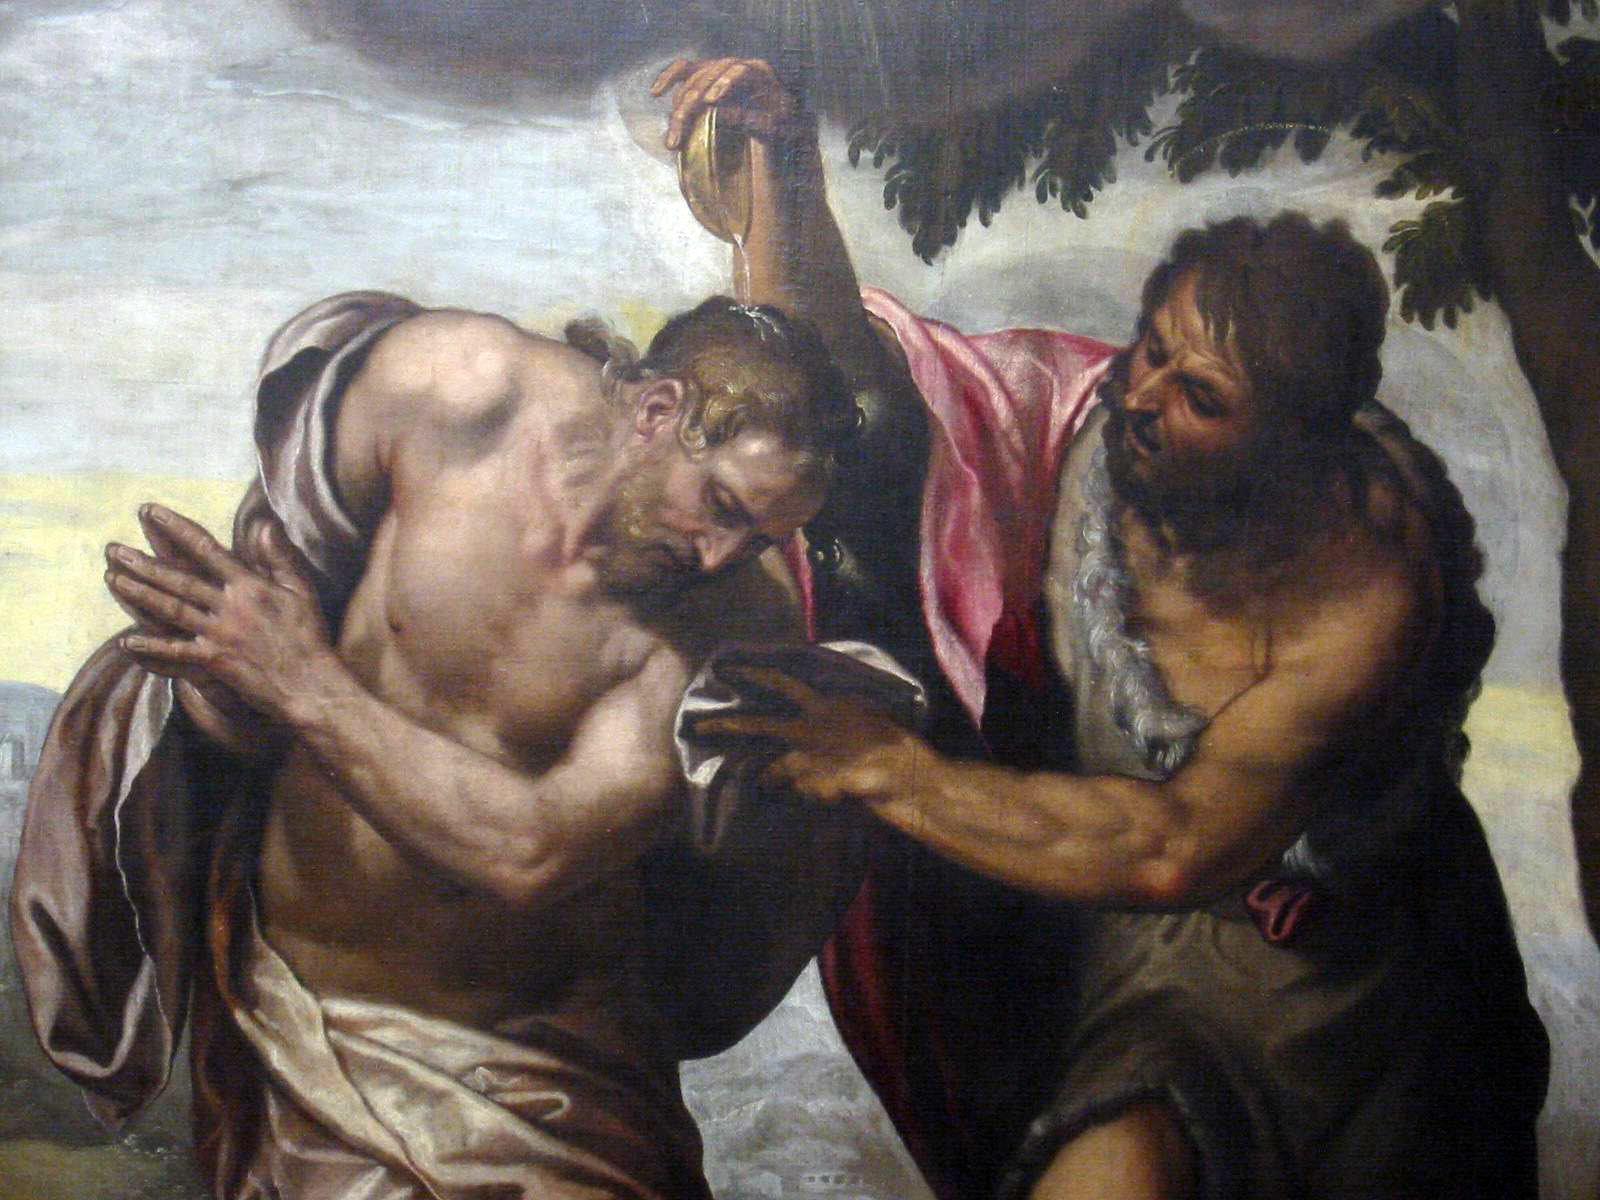 CATECHISMO DELLA DOTTRINA CRISTIANA; Parte IV; CAPO II; 4. Necessità del Battesimo e doveri dei battezzati